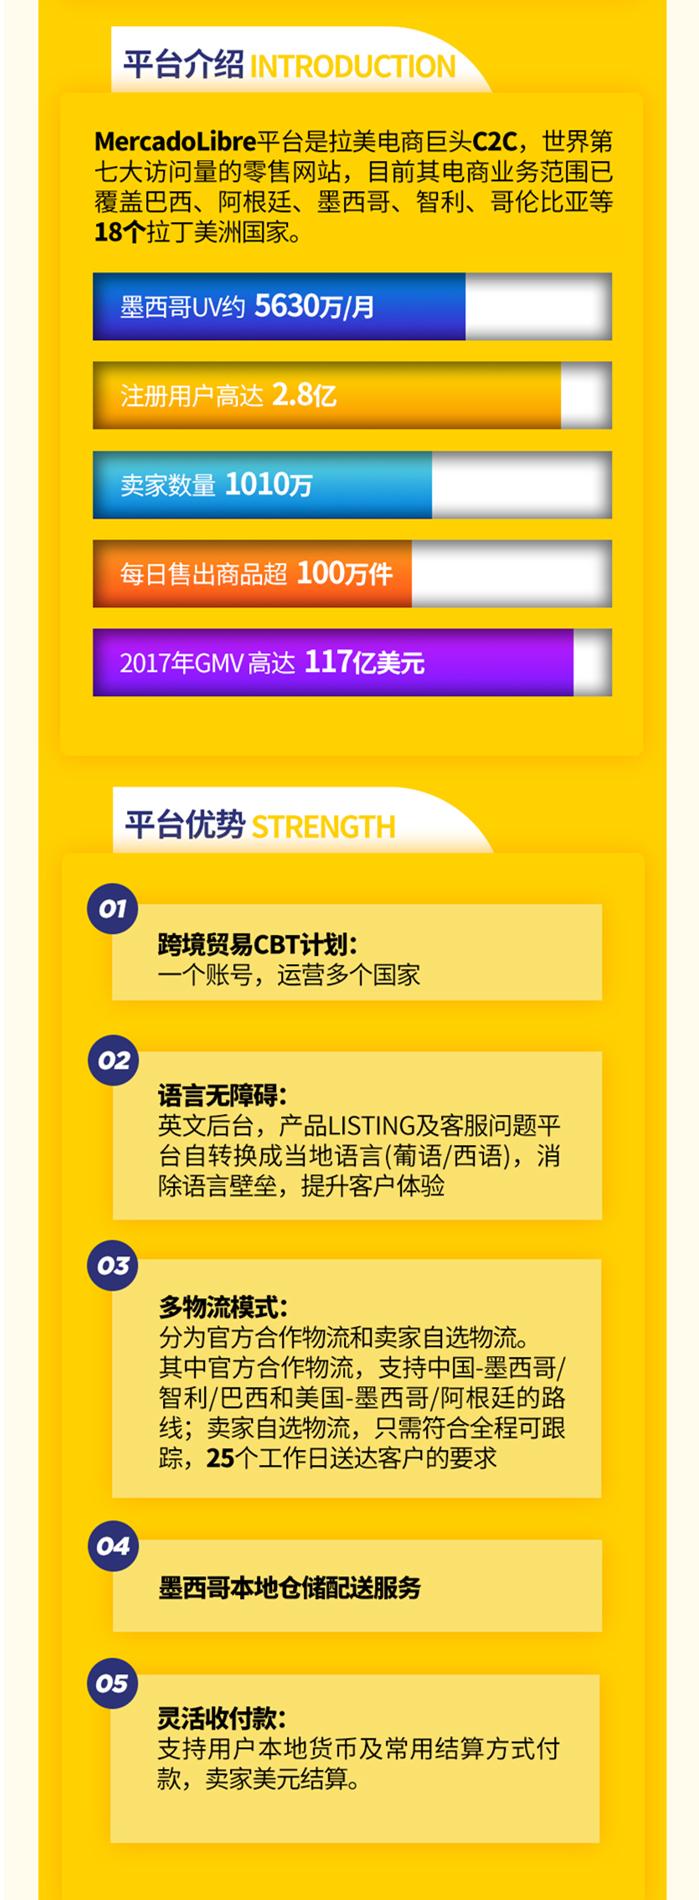 http://www.xqweigou.com/dianshangjinrong/80432.html